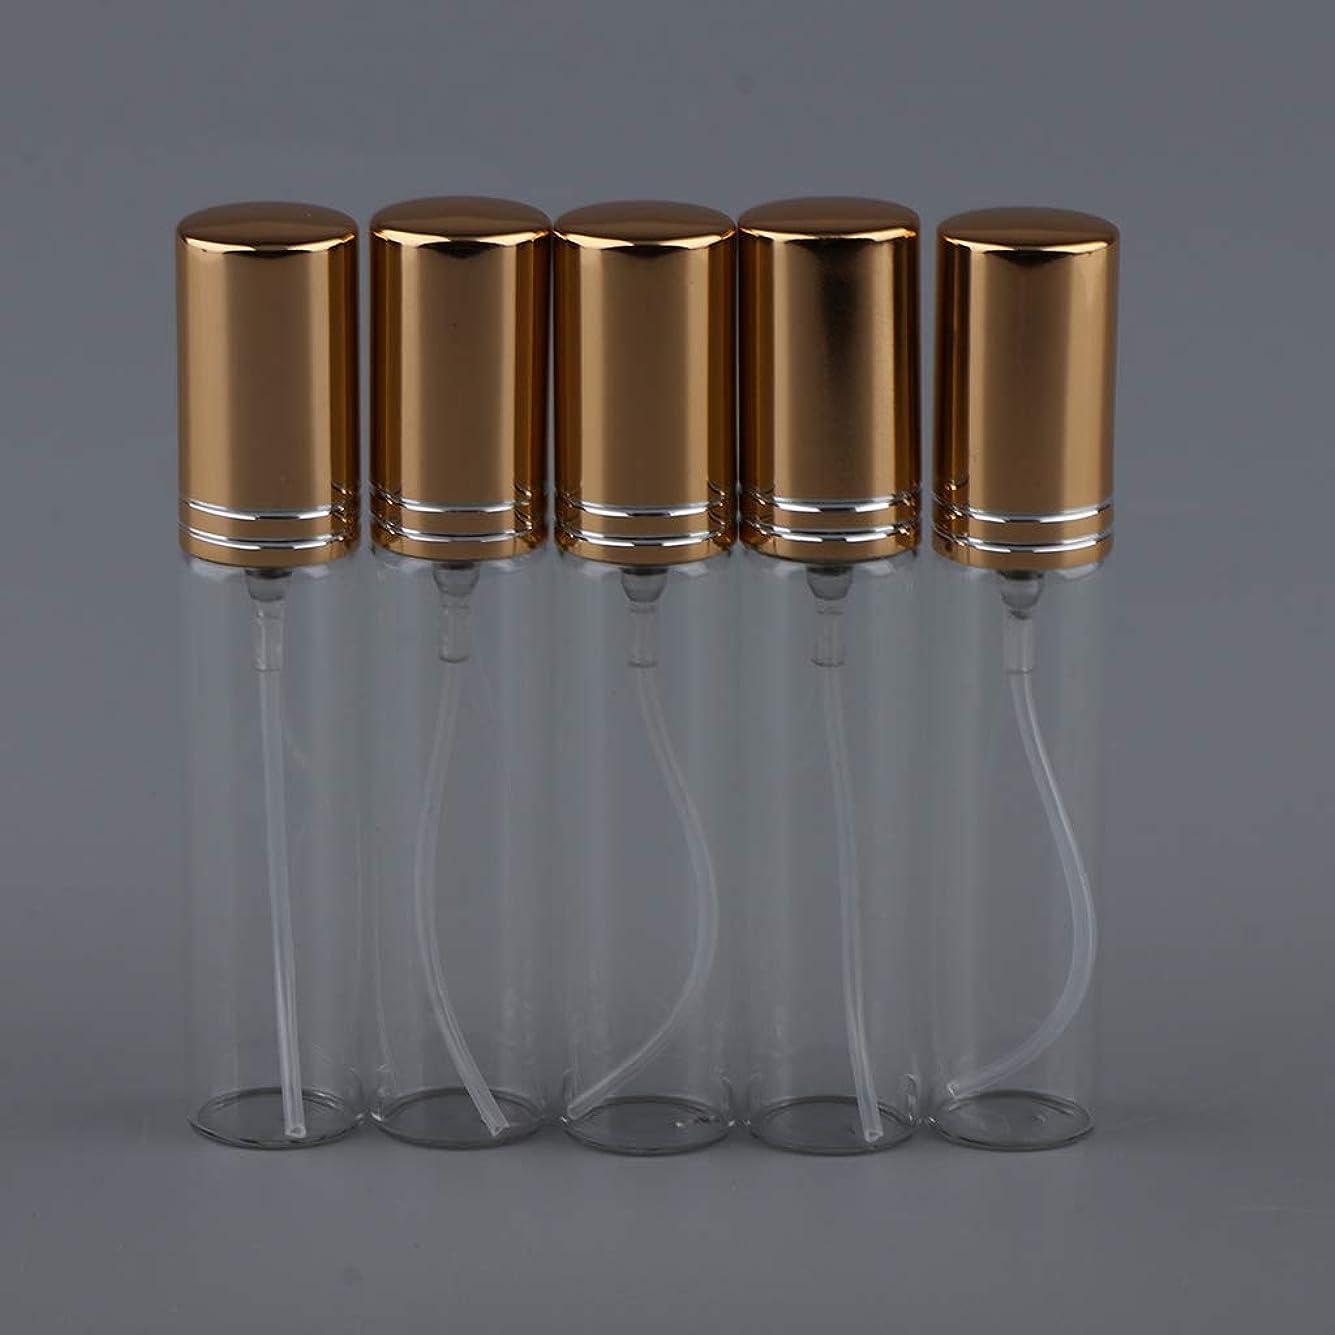 遡る整然としたキリマンジャロB Blesiya 全10個 10ミリリットル 詰め替え式 空のボトル 香水瓶 サンプルボトル